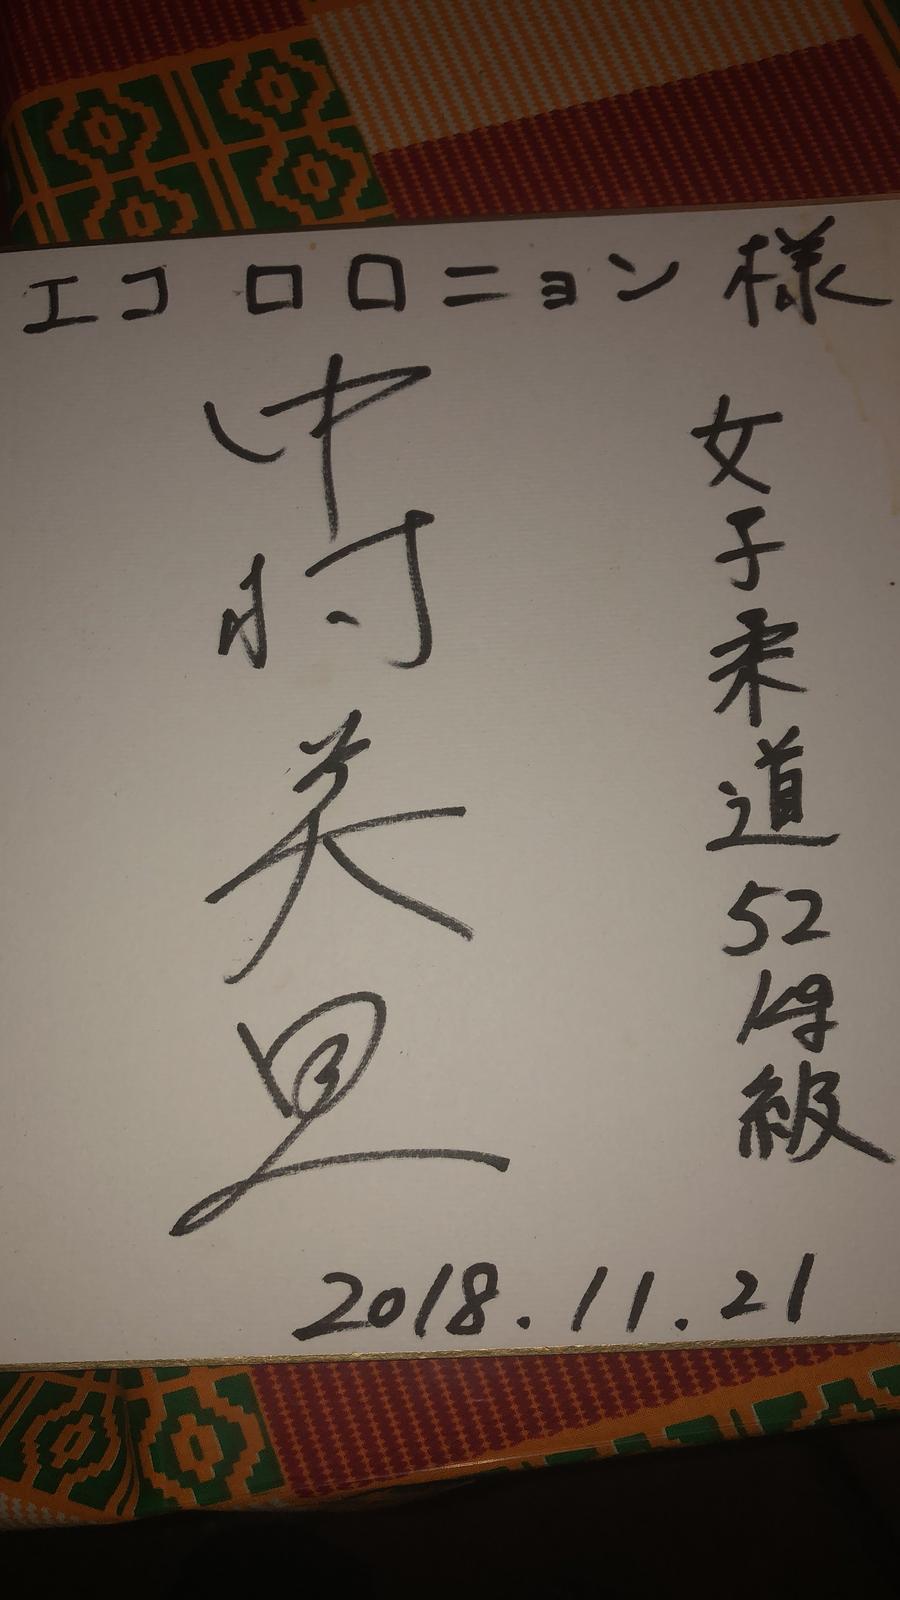 Ekololonyon-Championne-Japonaise-6